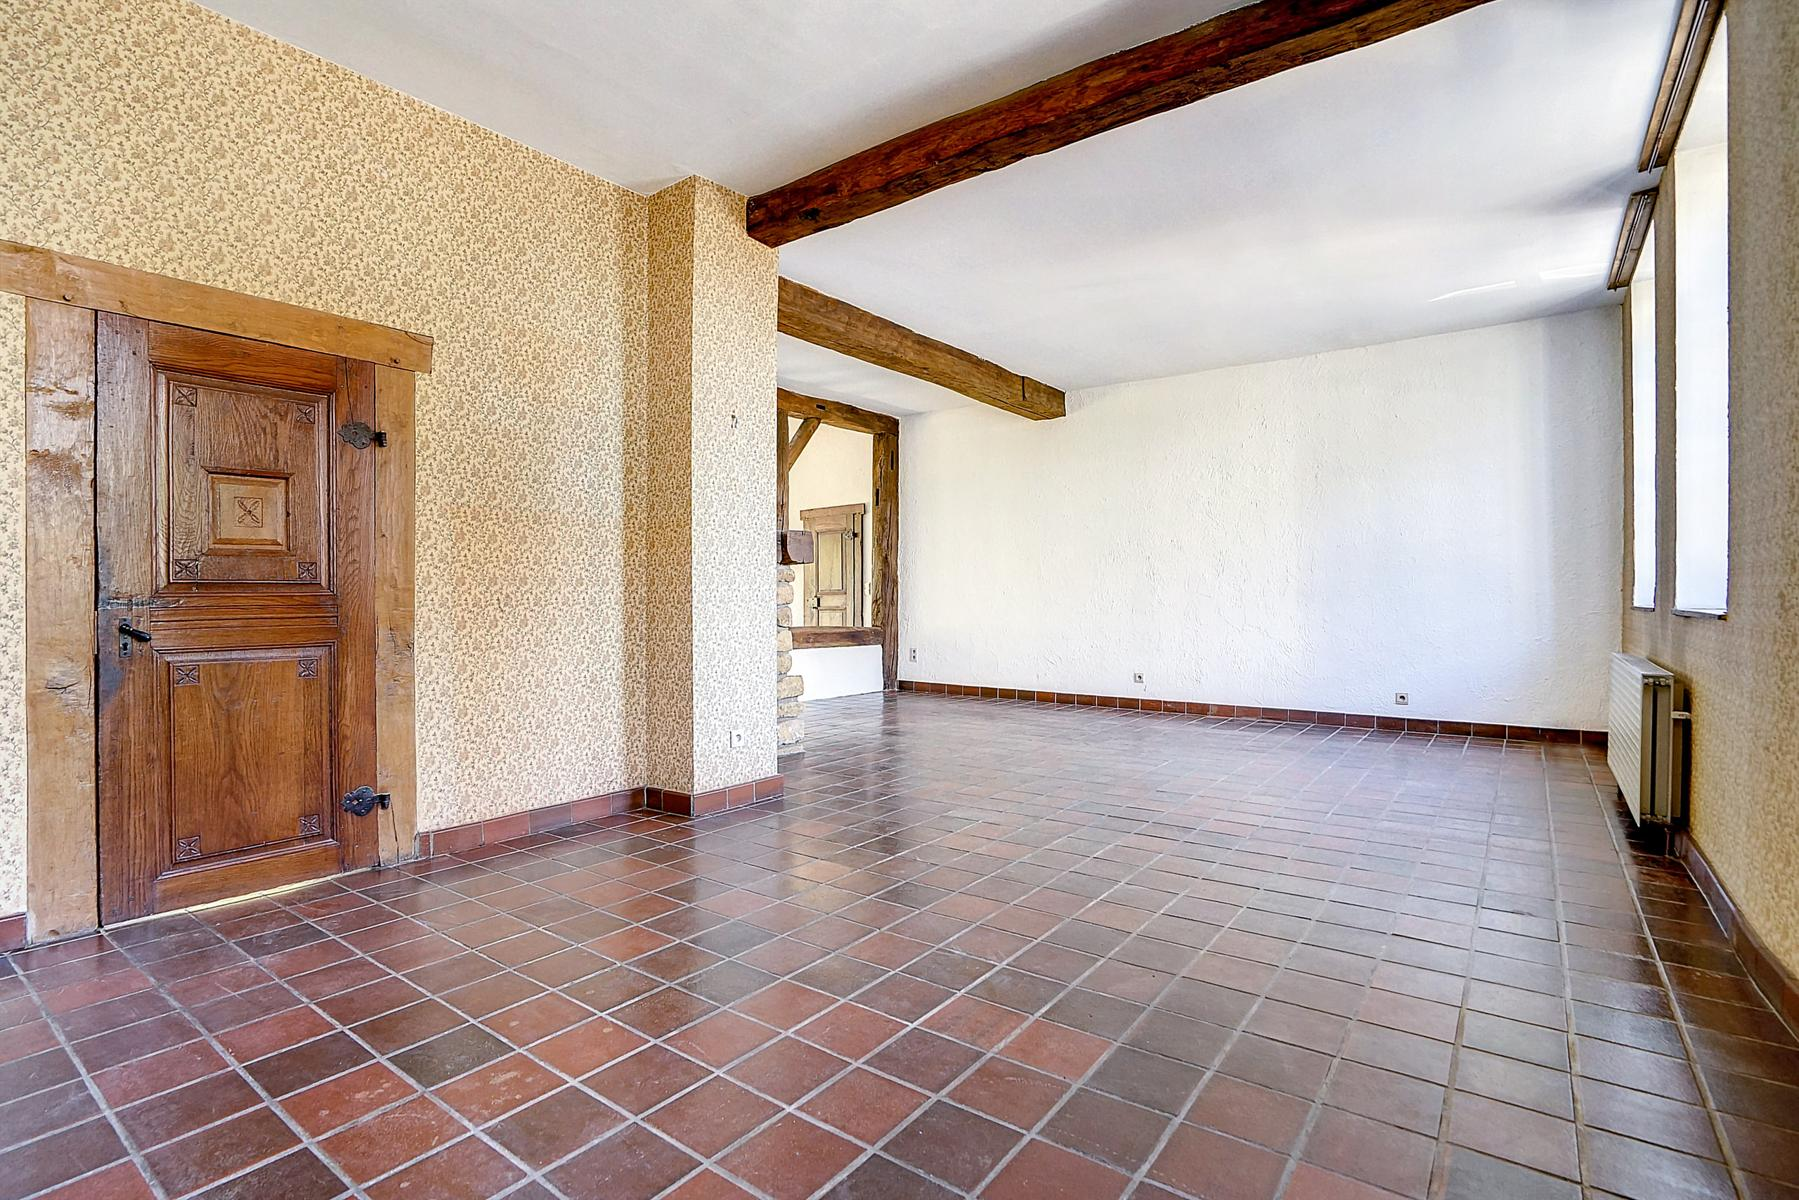 Huis - Rochefort - #4517821-10